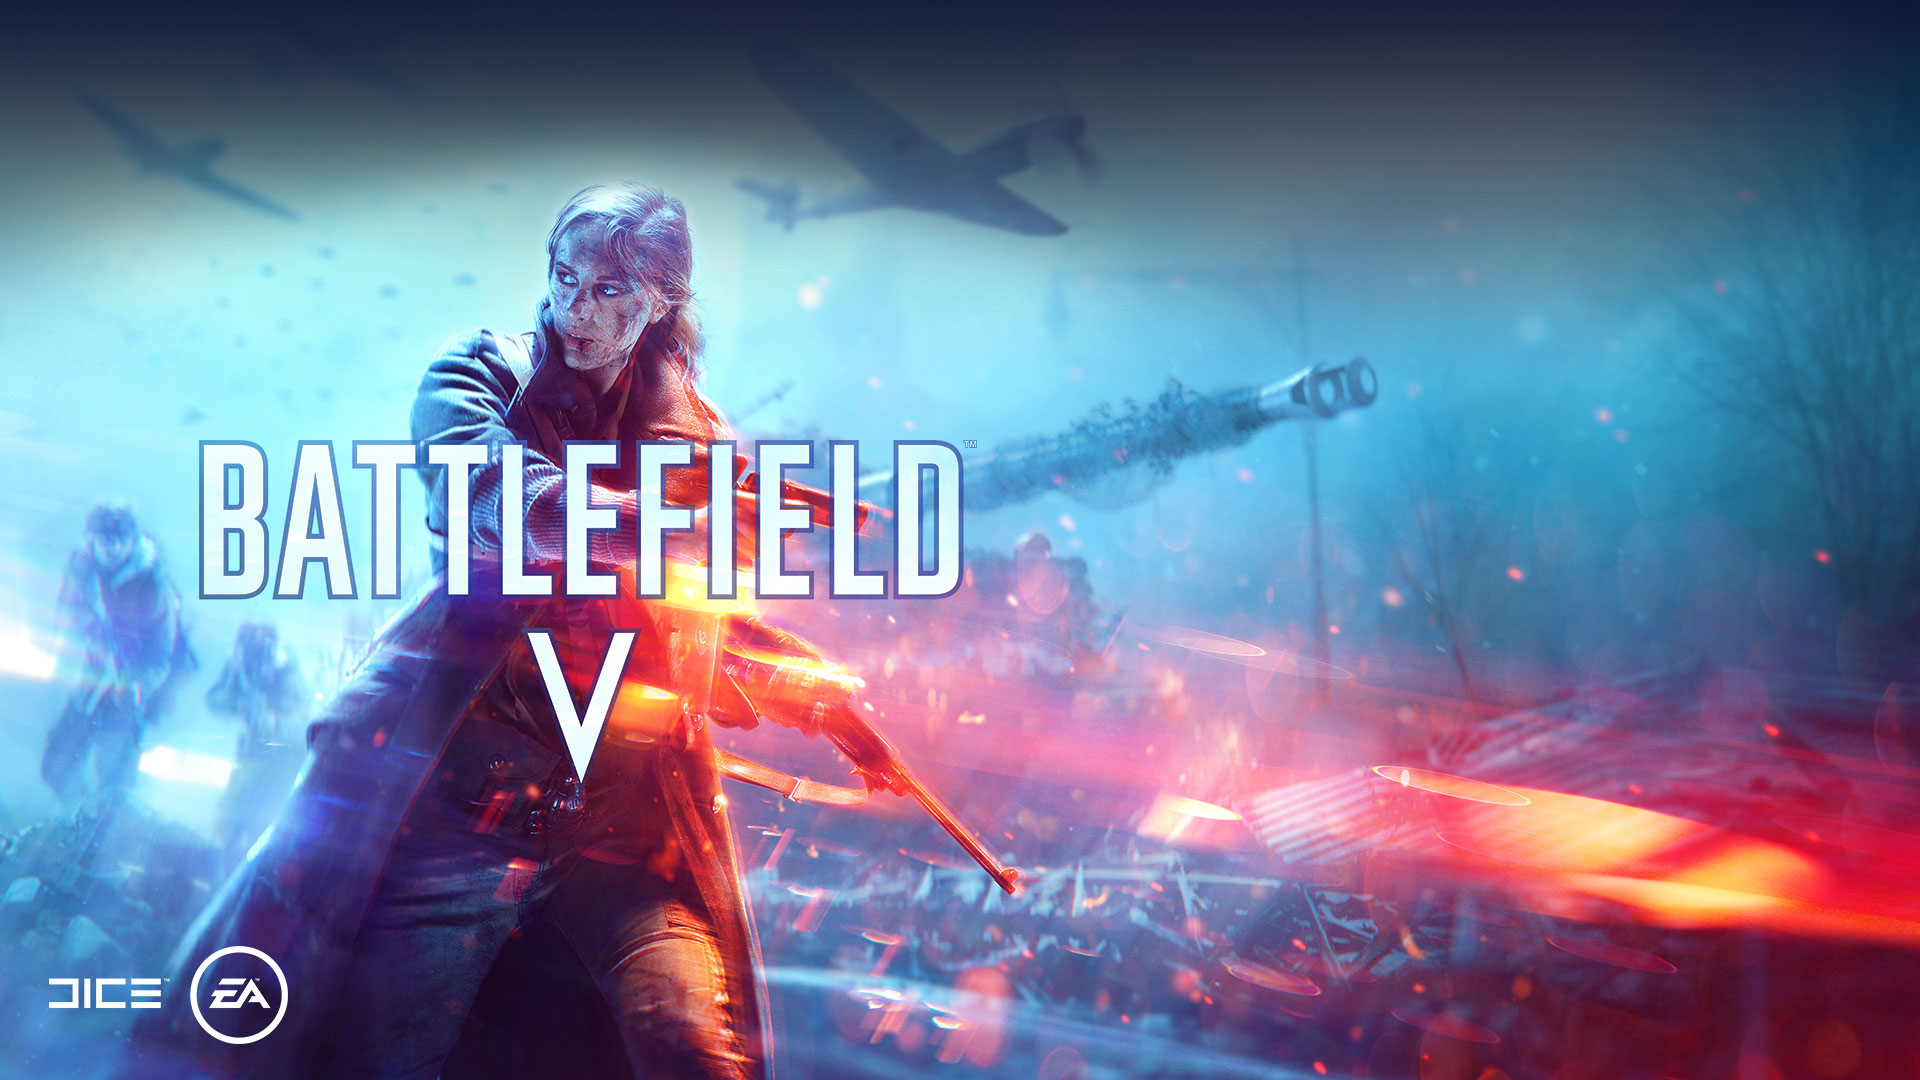 Battlefield V, Dice EA, вид спереди на французского солдата.